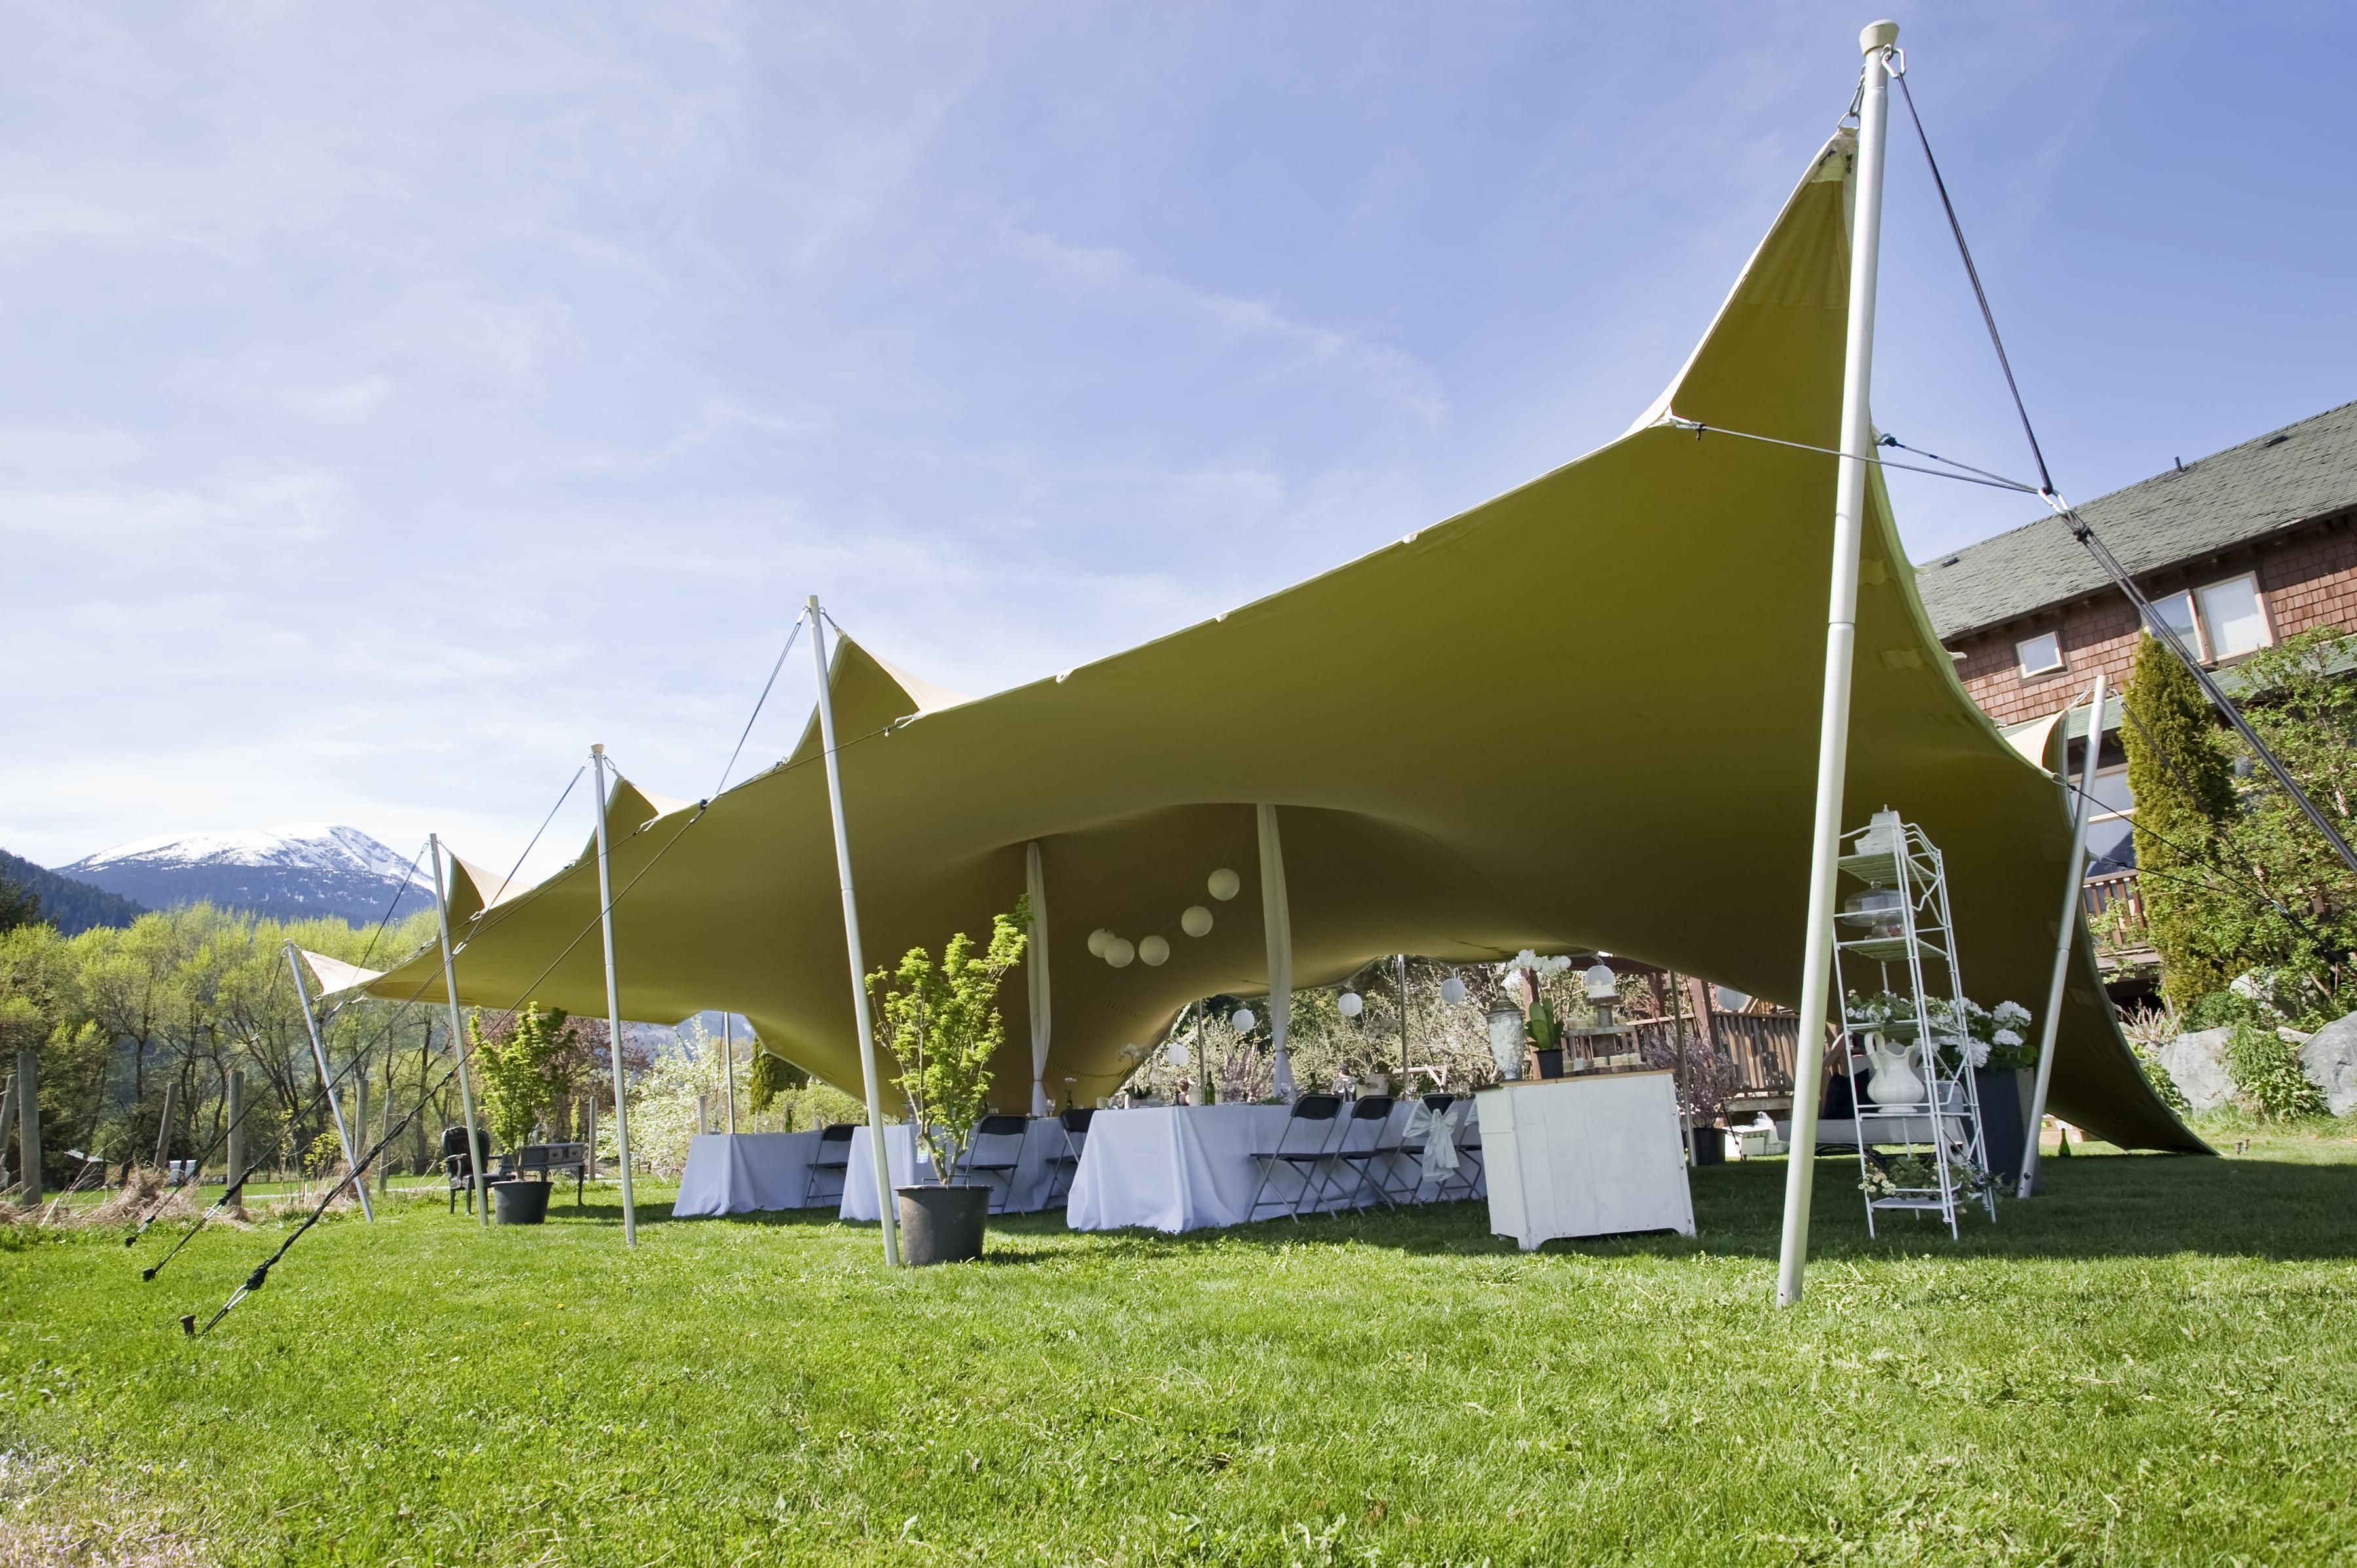 Chino Tent